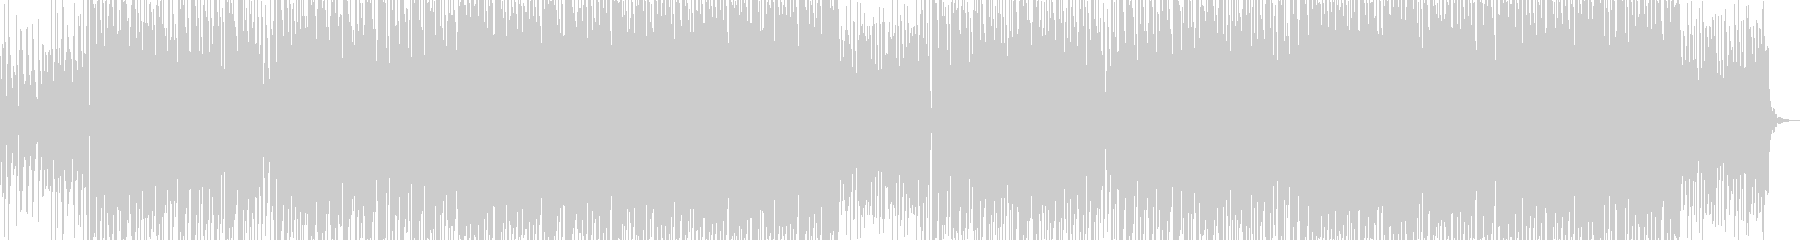 春麗らかなほのぼのゆったりエレクトロbの未再生の波形